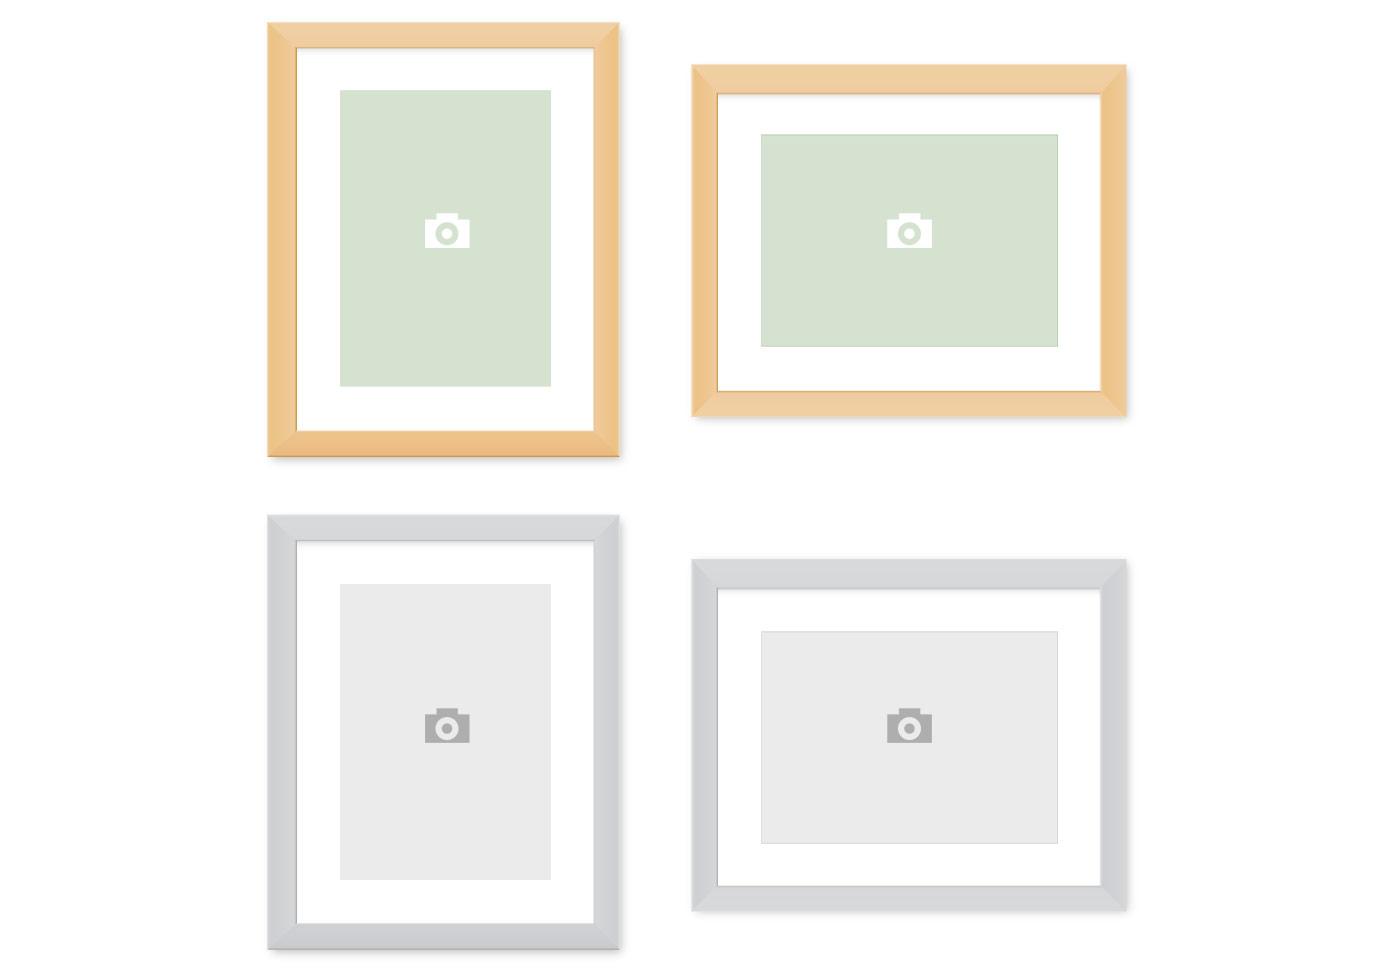 Moderne Bilderrahmen PSD Pack - Kostenlose Photoshop-Pinsel bei ...